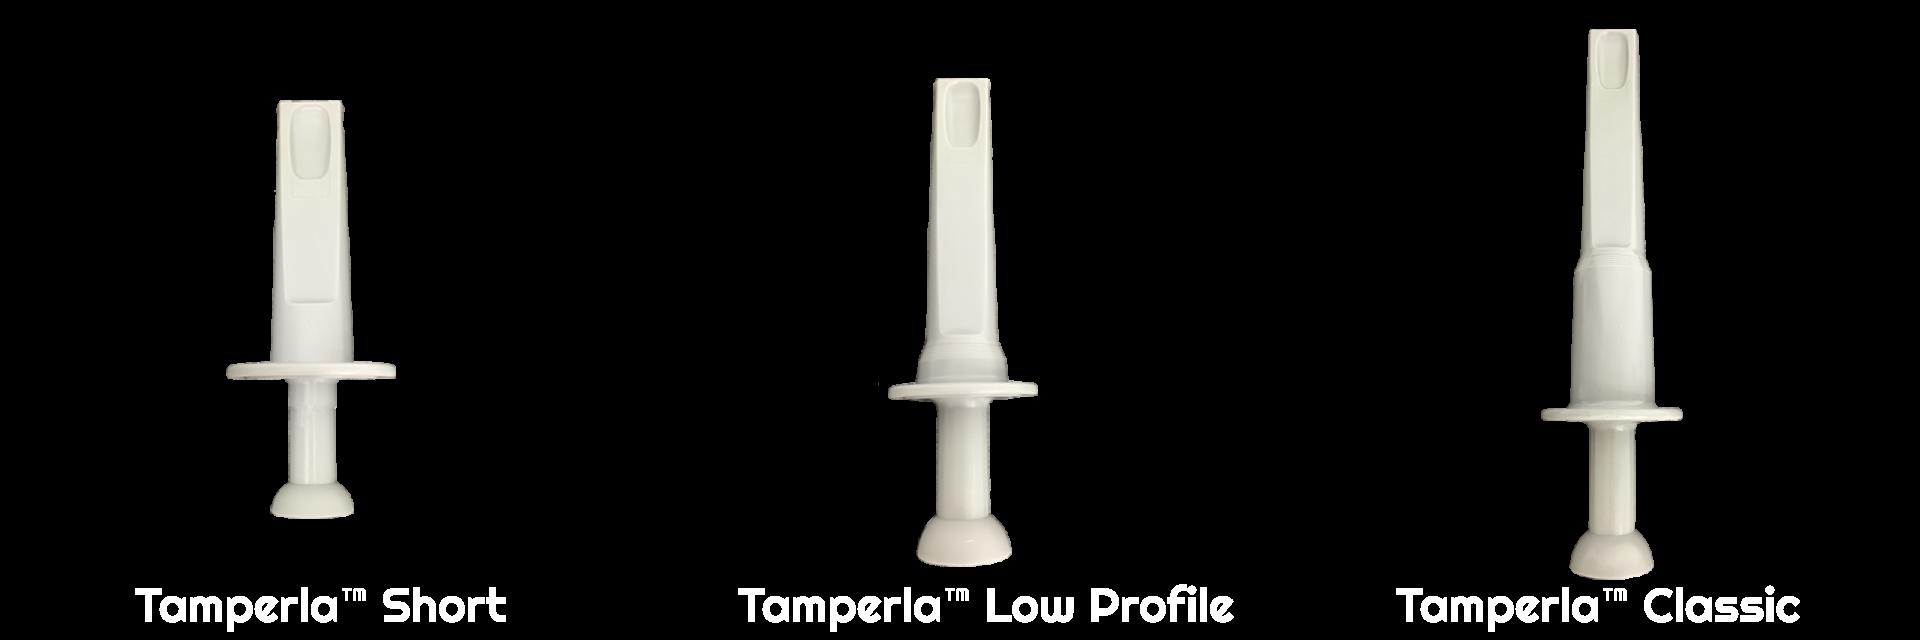 Tamperla Blender Tamper for Vitamix, Blendtec Blender Tampers